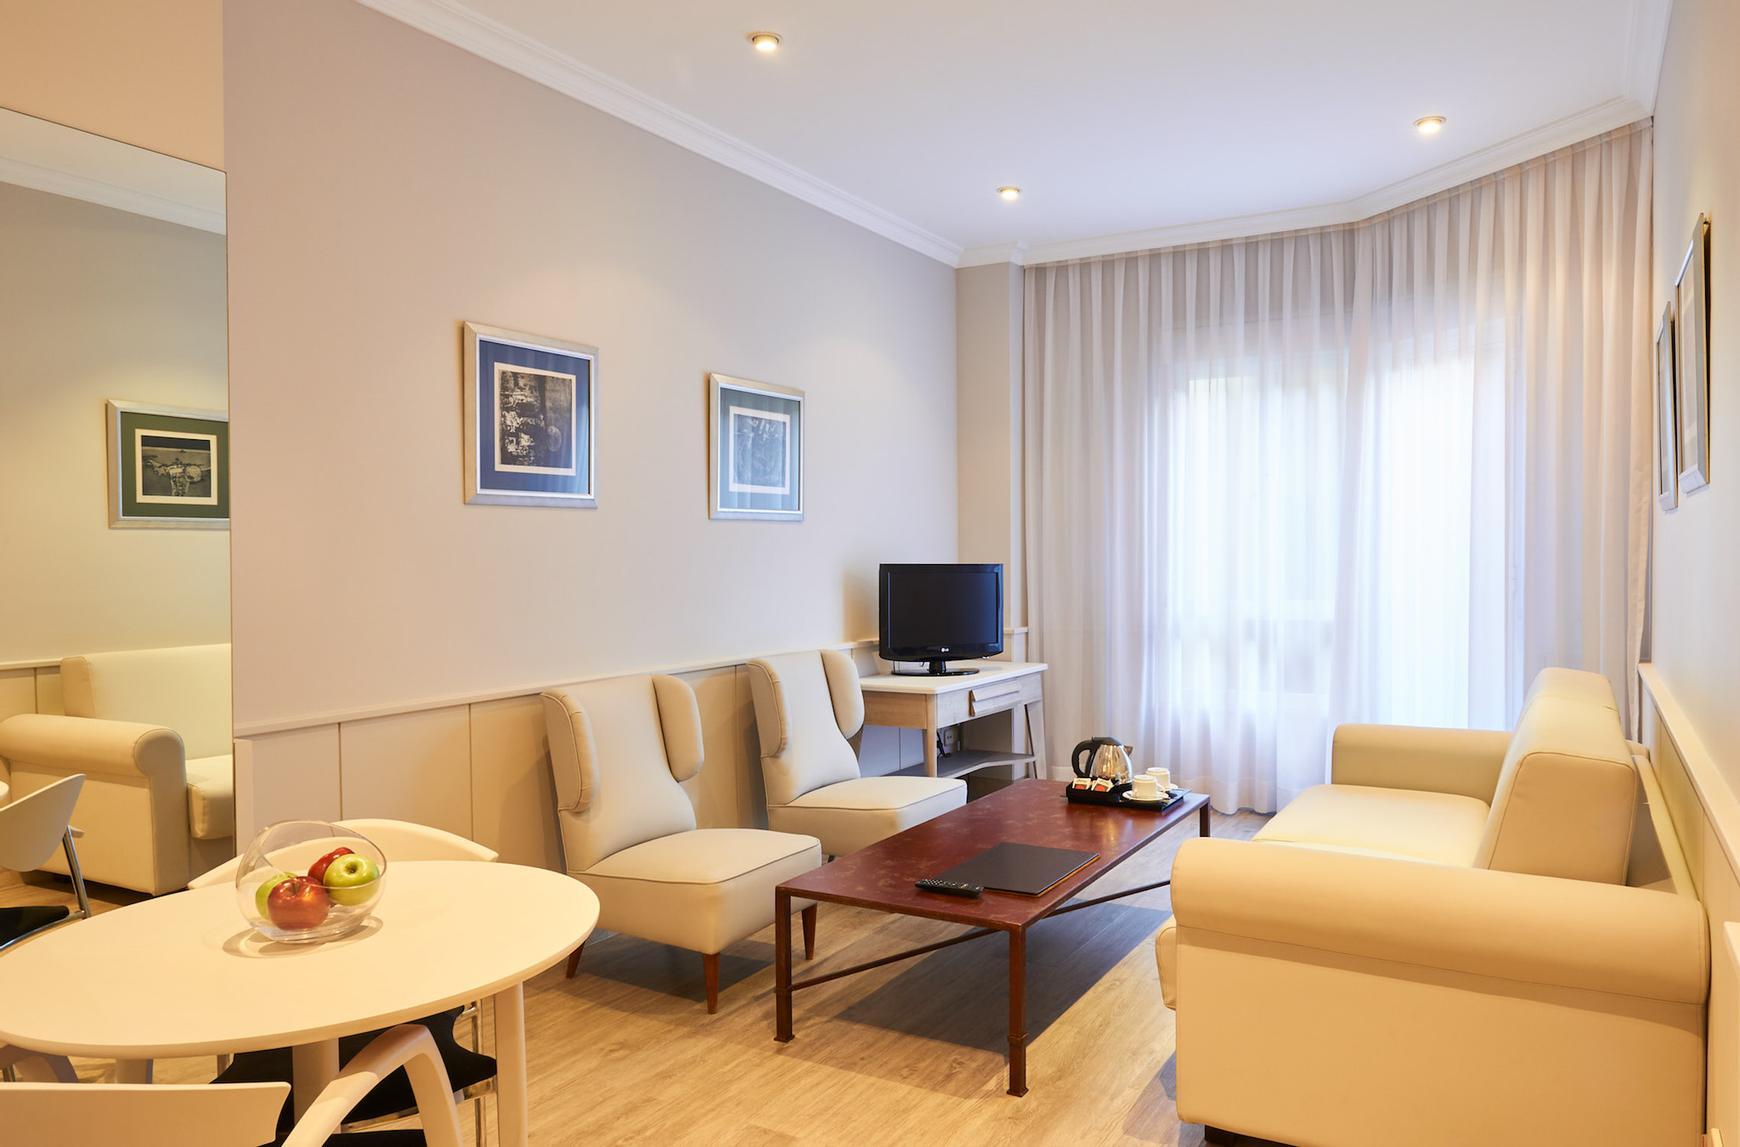 Suite apartamento hotel suites barrio de salamanca madrid for Codigo postal del barrio de salamanca en madrid